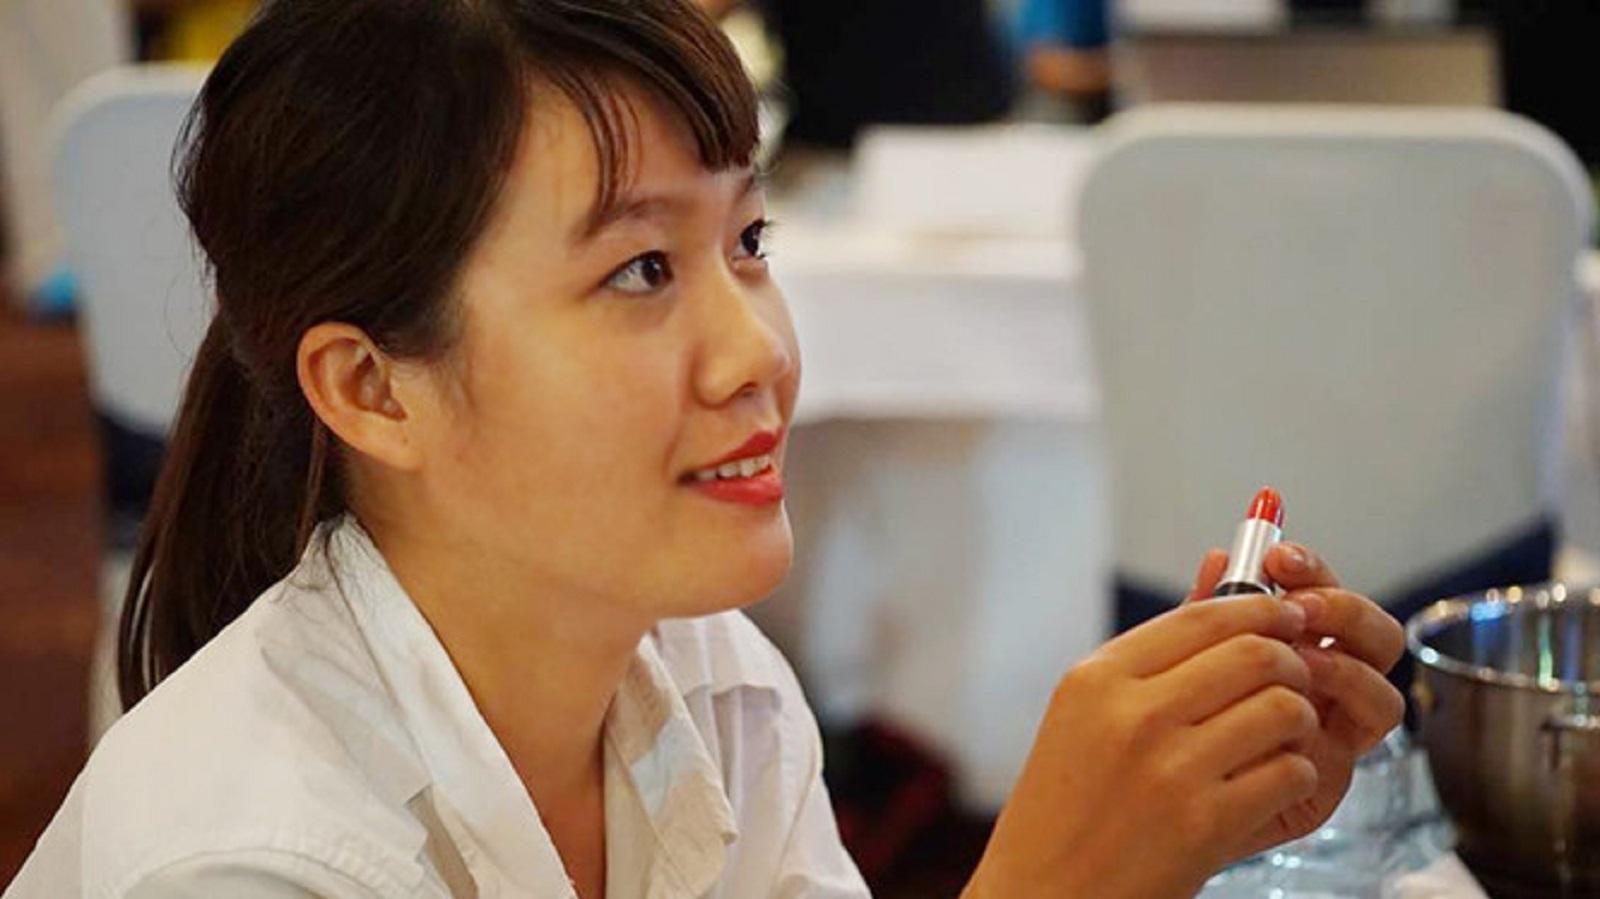 Nữ sinh Gia Lai khởi nghiệp với 3 triệu đồng và son môi tự chế từ gấc